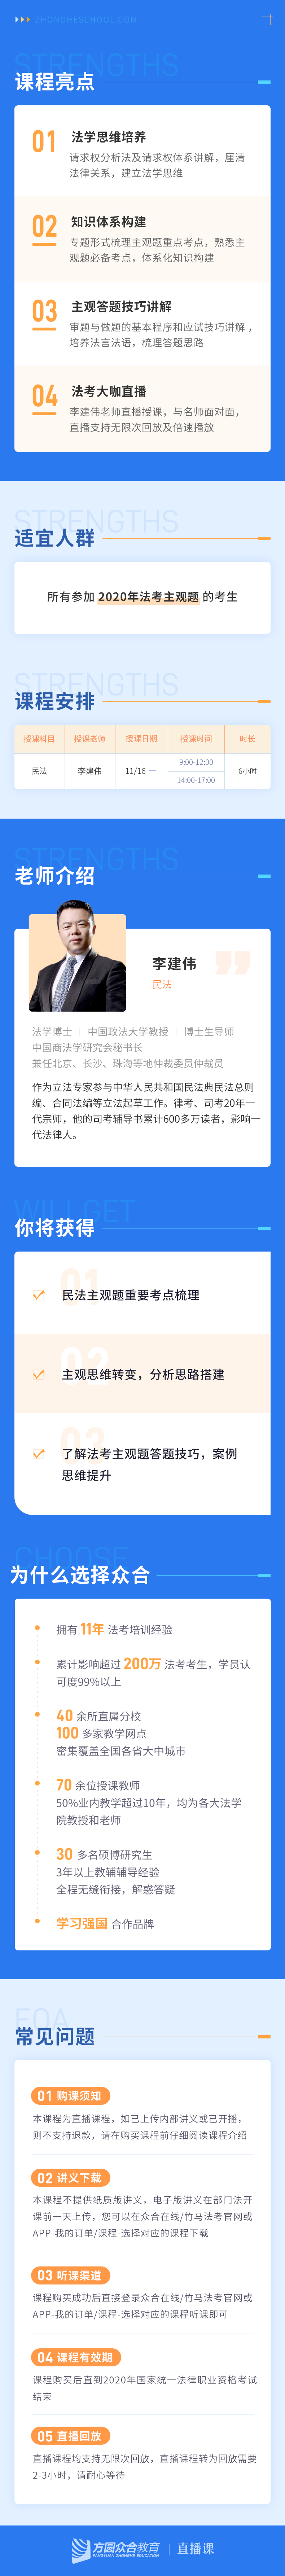 李建伟专项突破-详情页.png